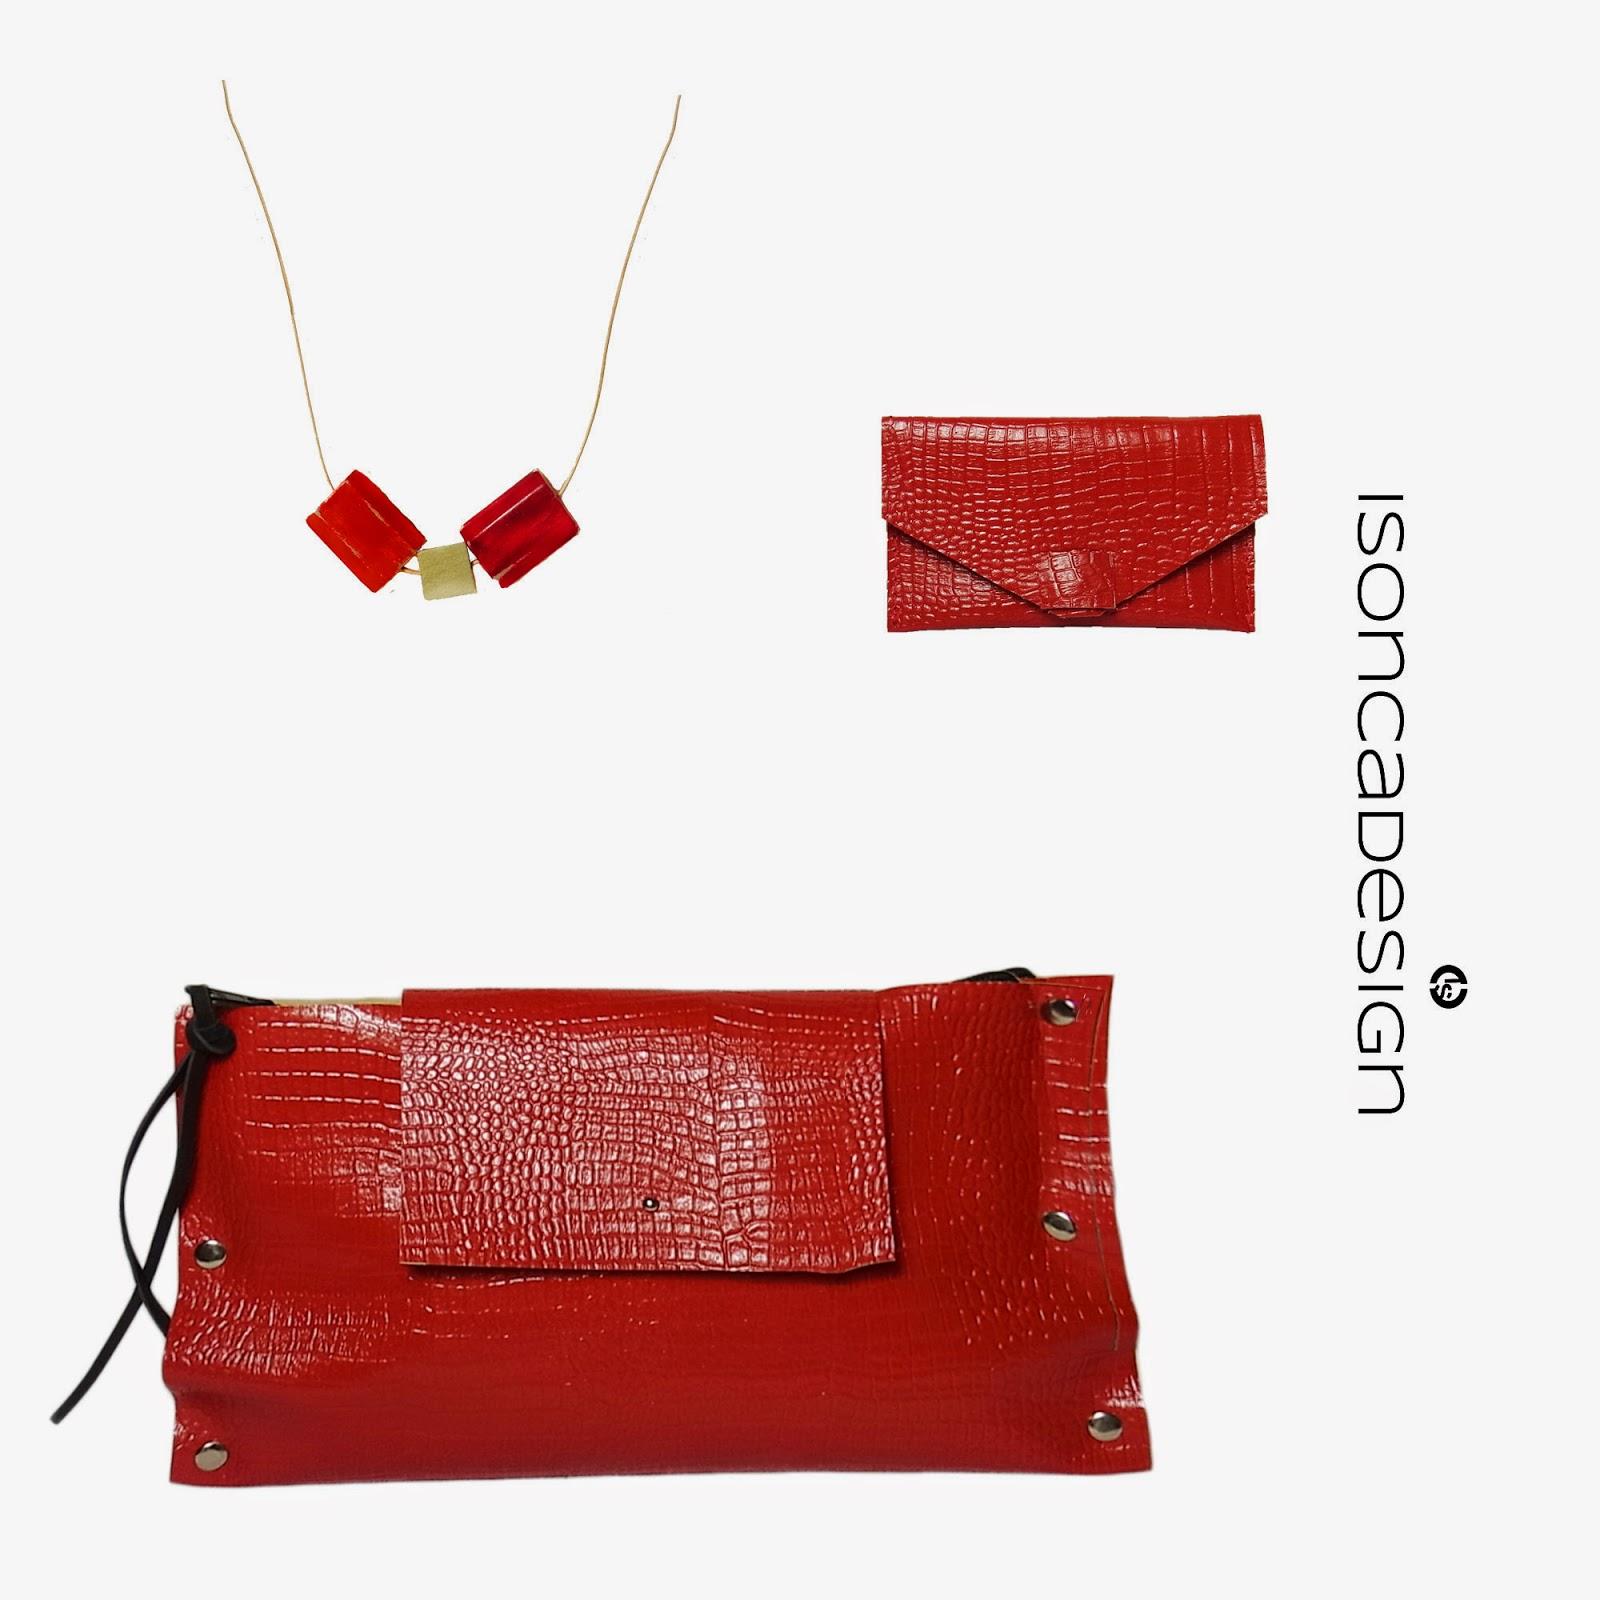 http://de.dawanda.com/product/69964427-Set-Clutch-Etui-Kette-OktoberZinnober